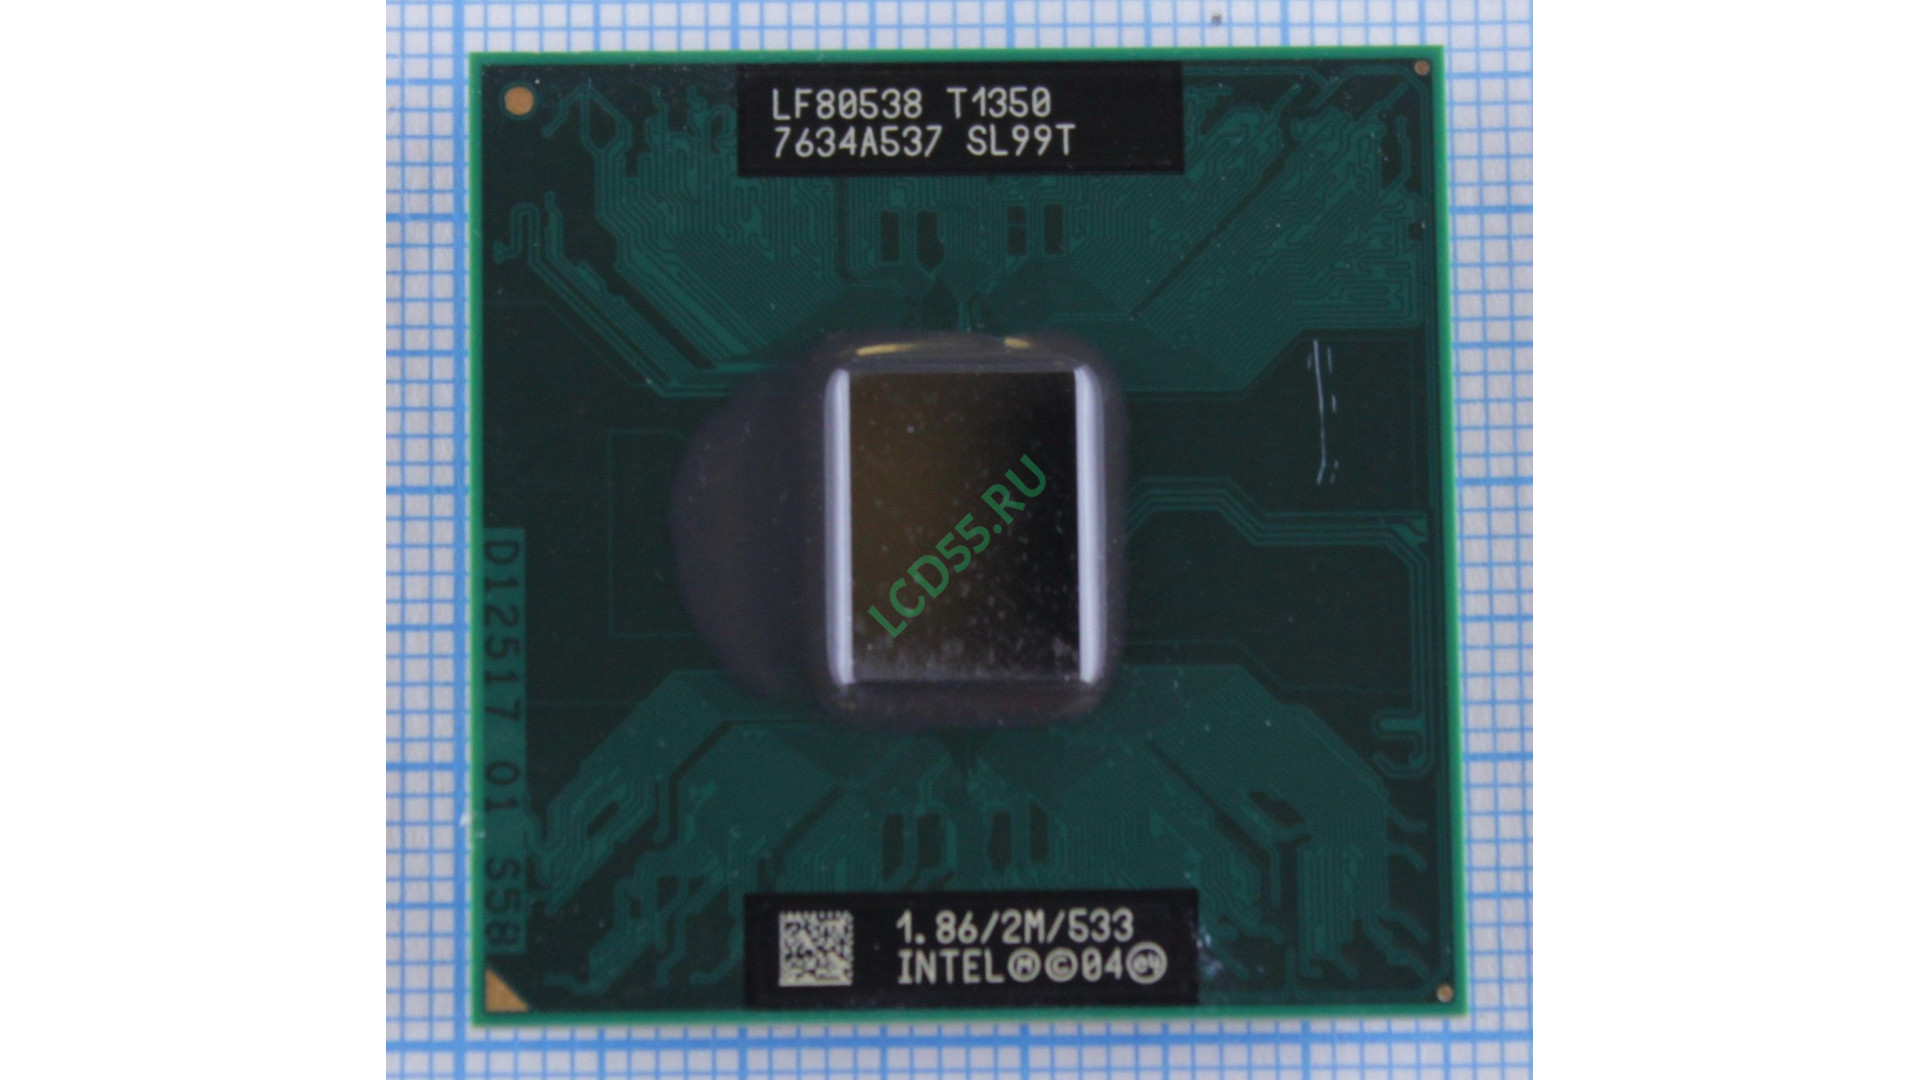 Intel T1350 SL99T